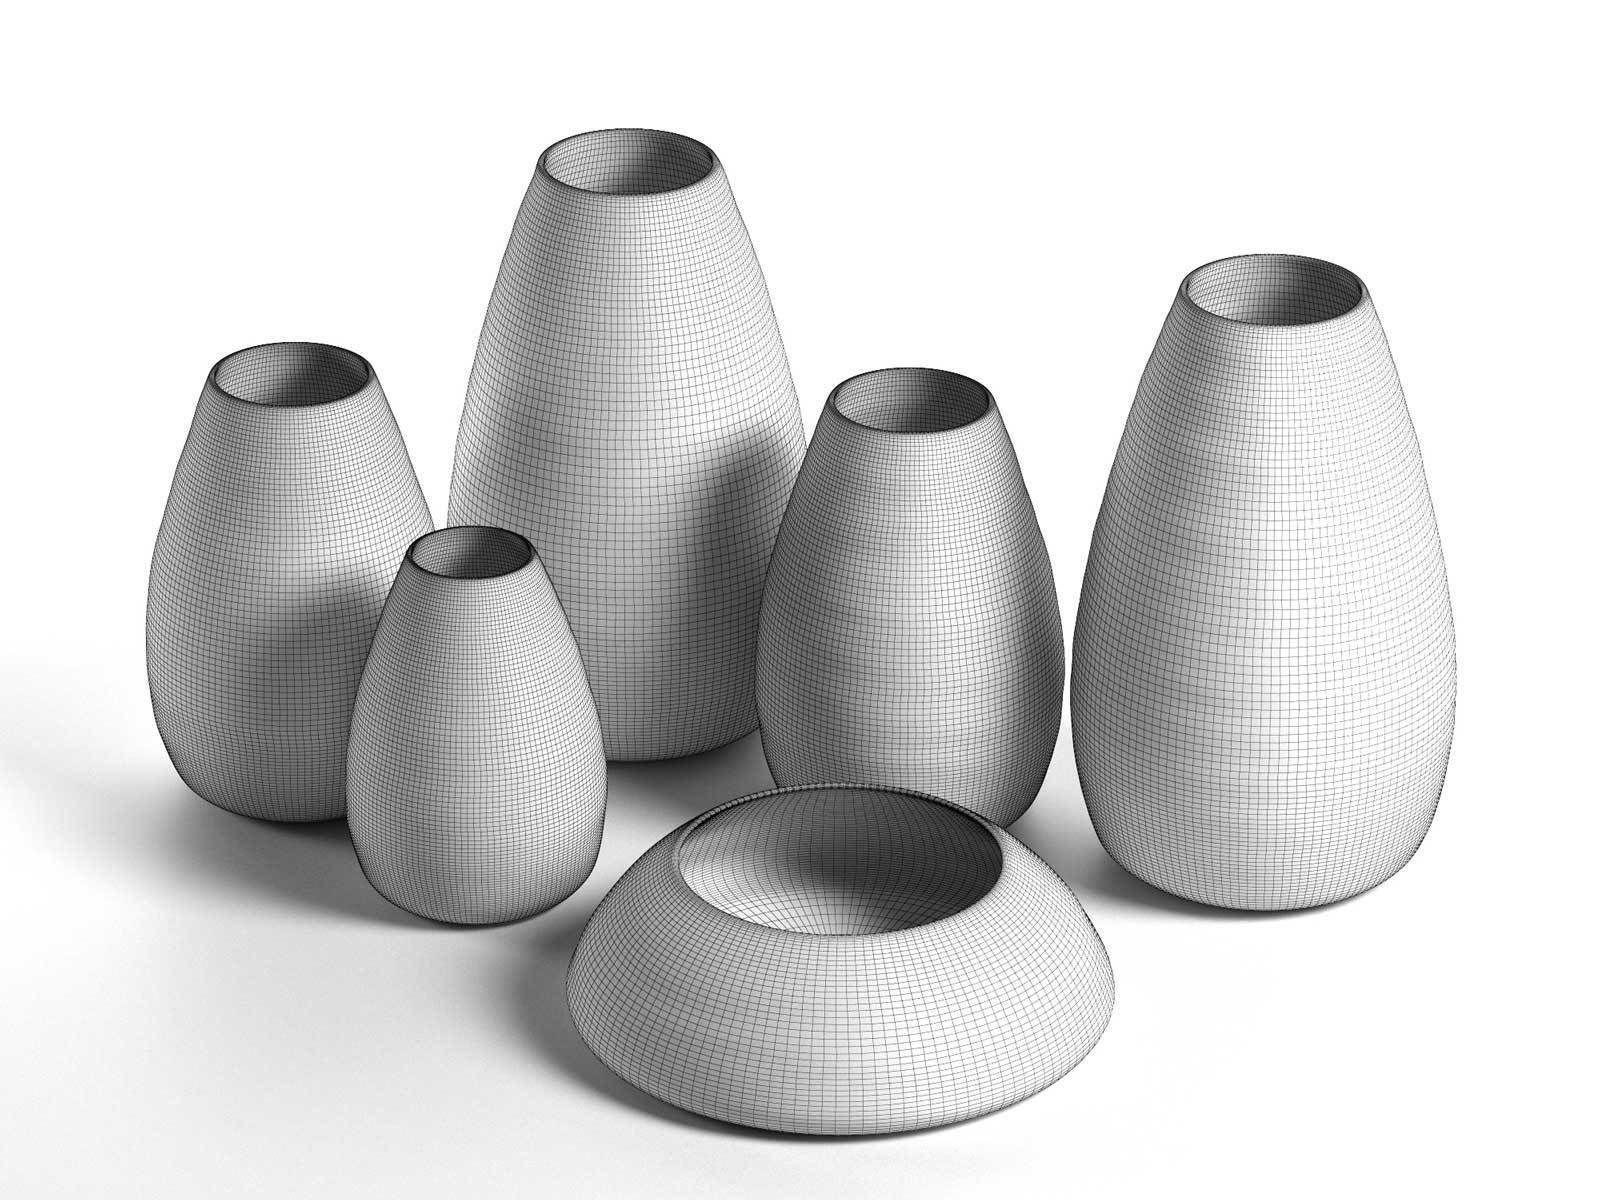 porcelain-vases-4-3d-model-max-obj-mtl-fbx-c4d-1